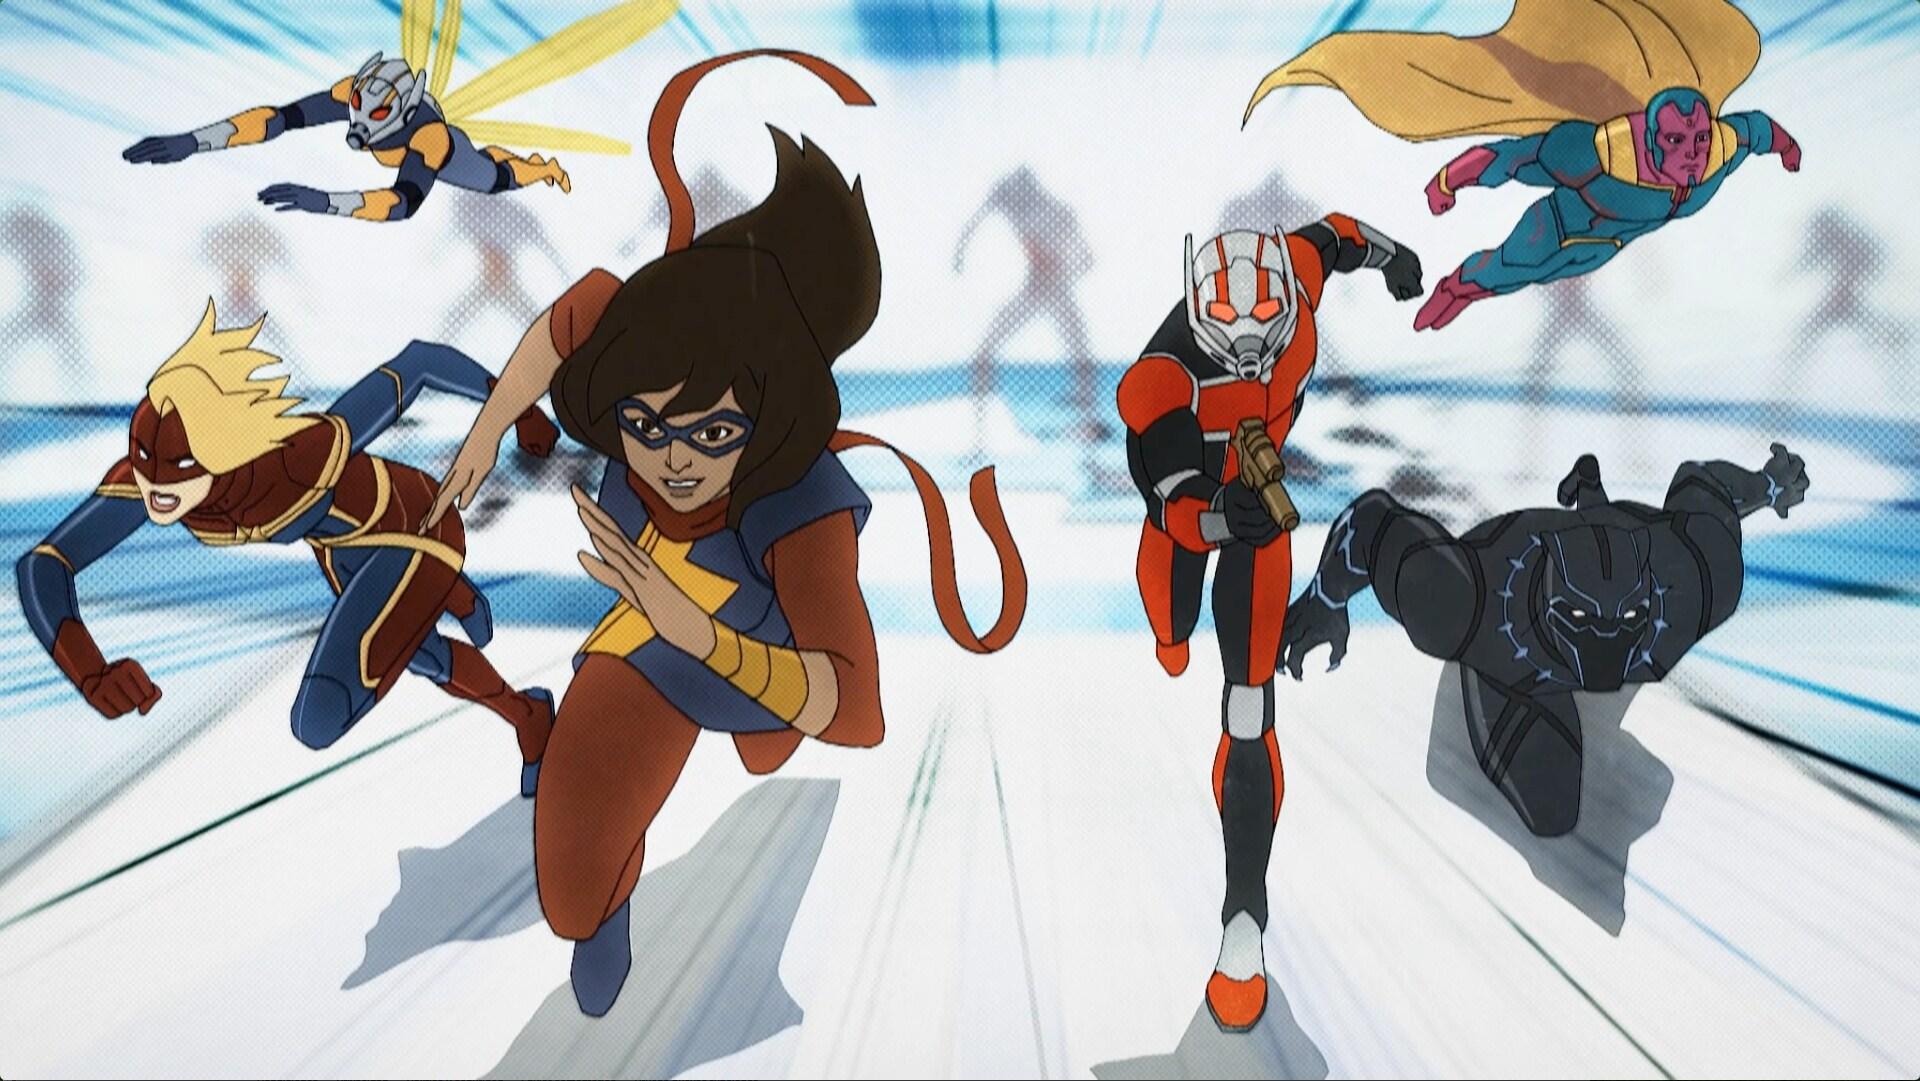 Ms. Marvel - Los Vengadores de Marvel: Guerras secretas